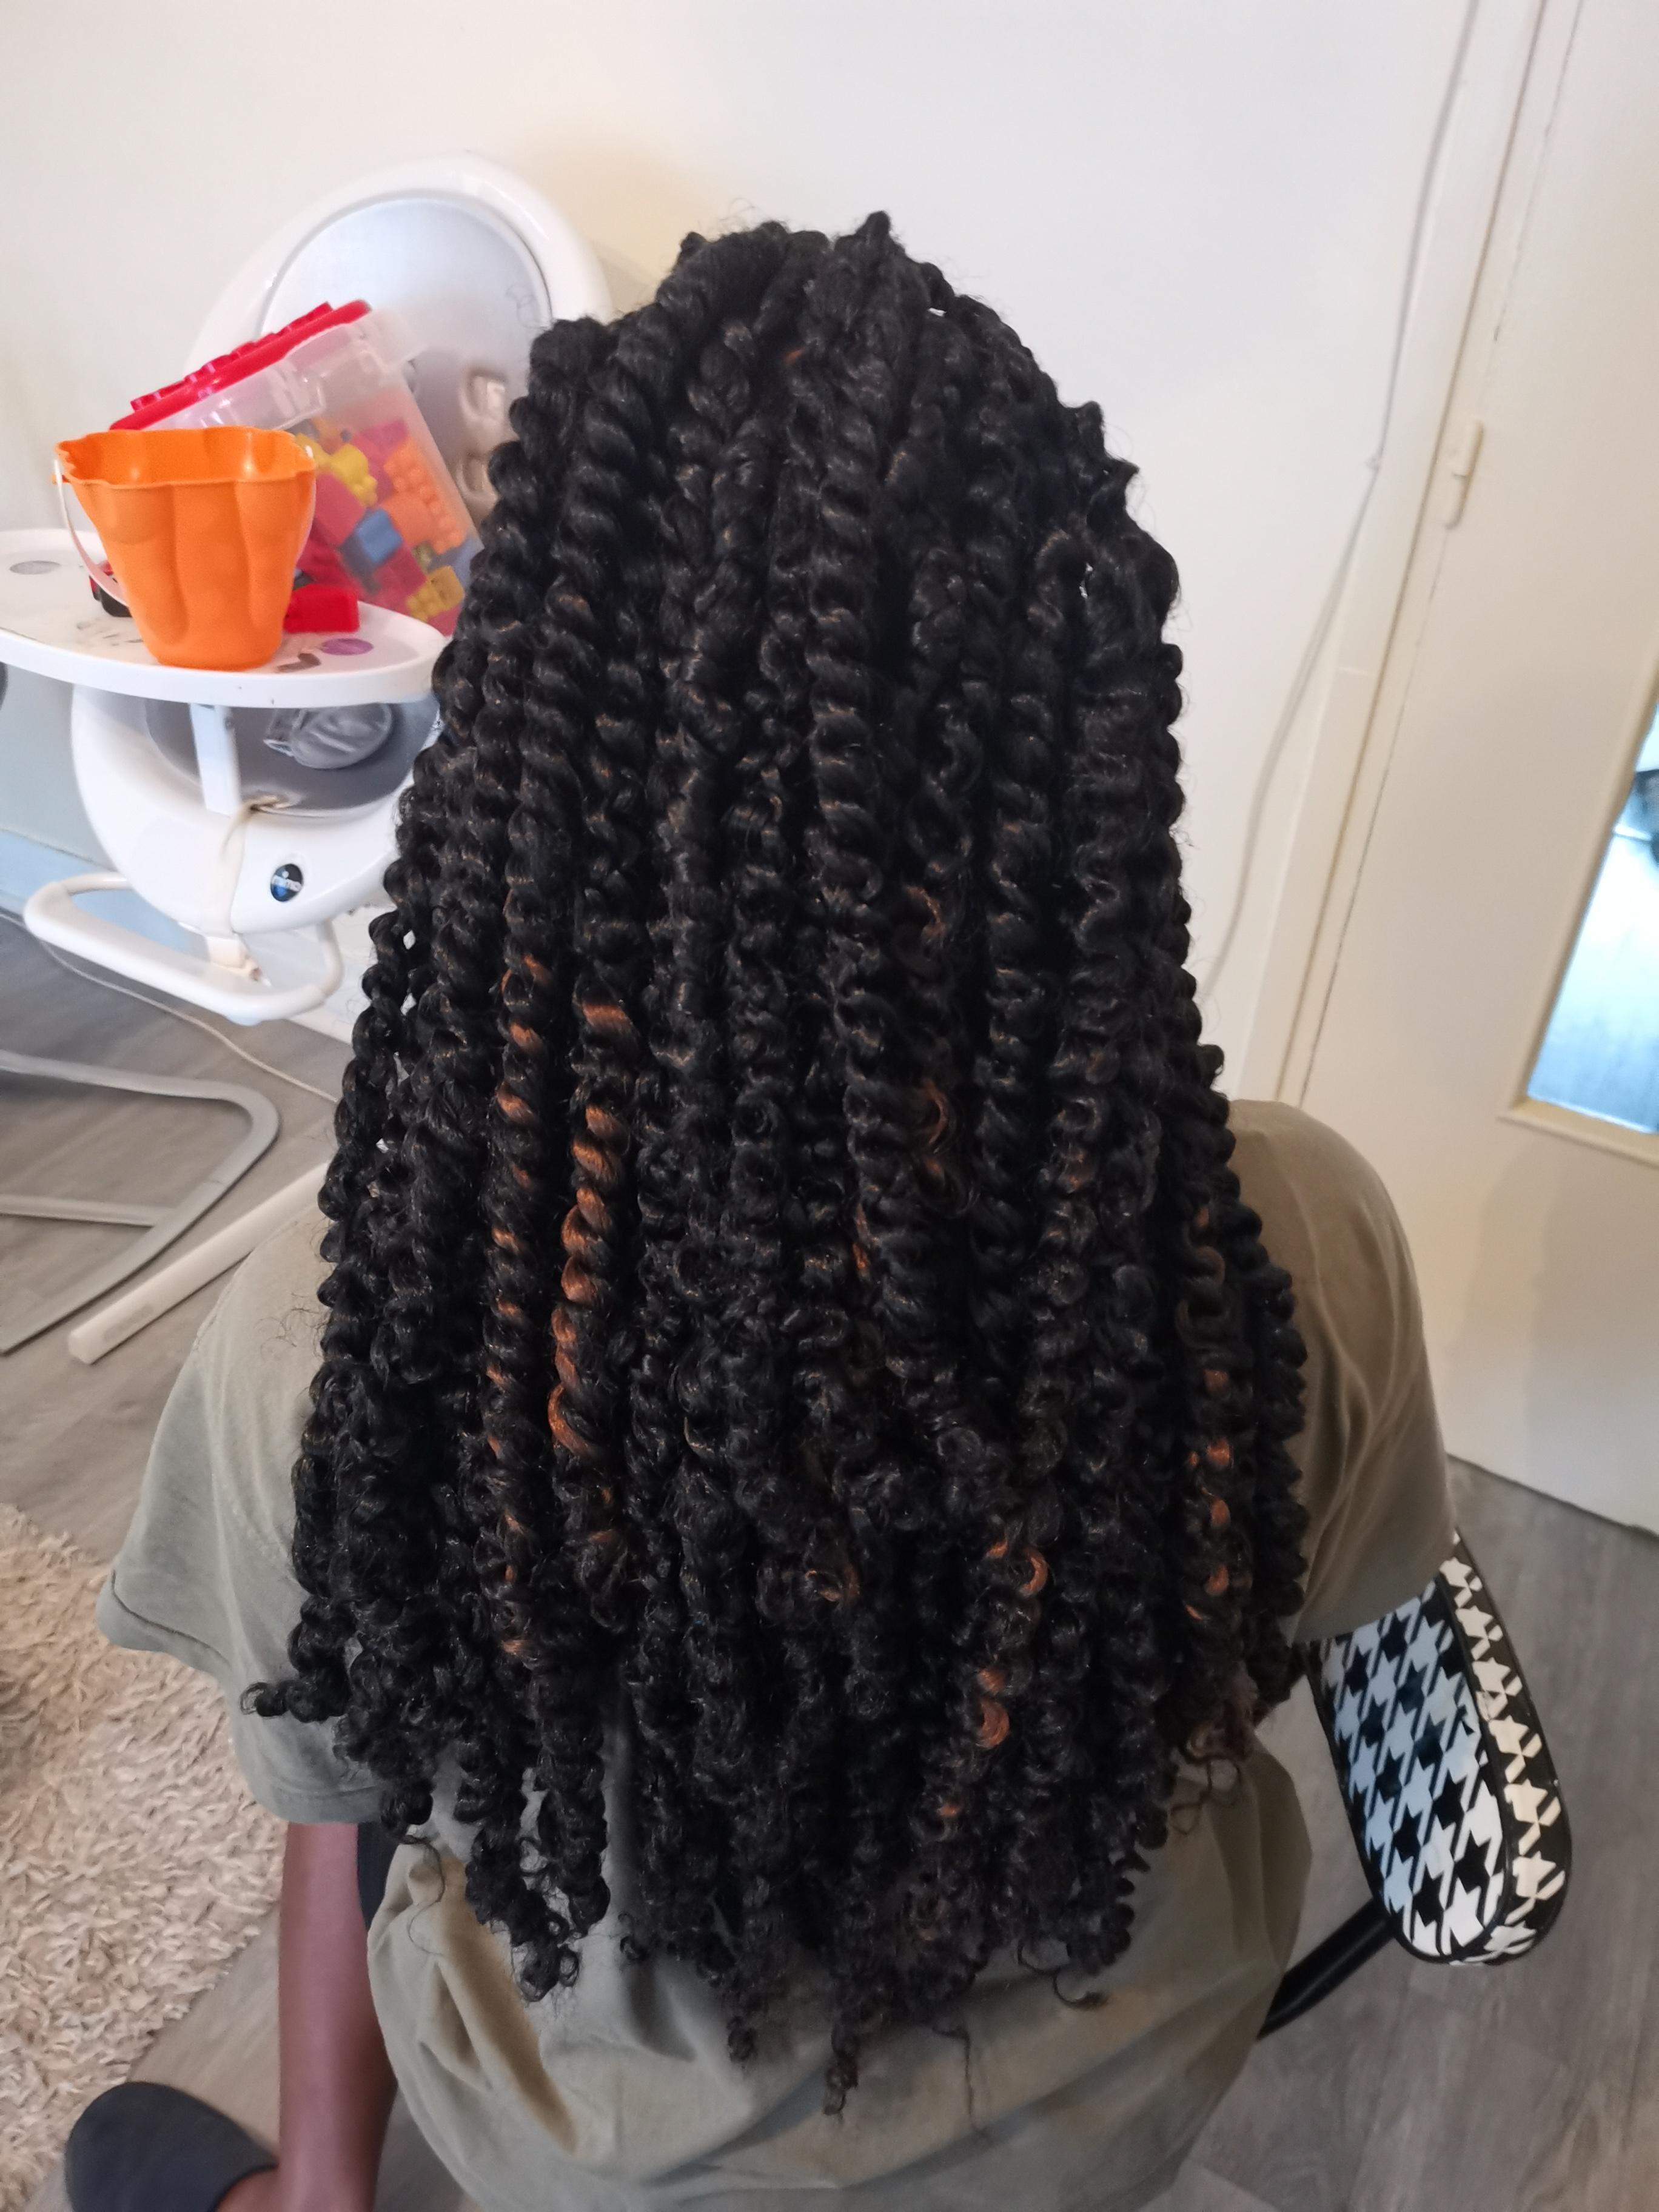 salon de coiffure afro tresse tresses box braids crochet braids vanilles tissages paris 75 77 78 91 92 93 94 95 RNXIQFFK